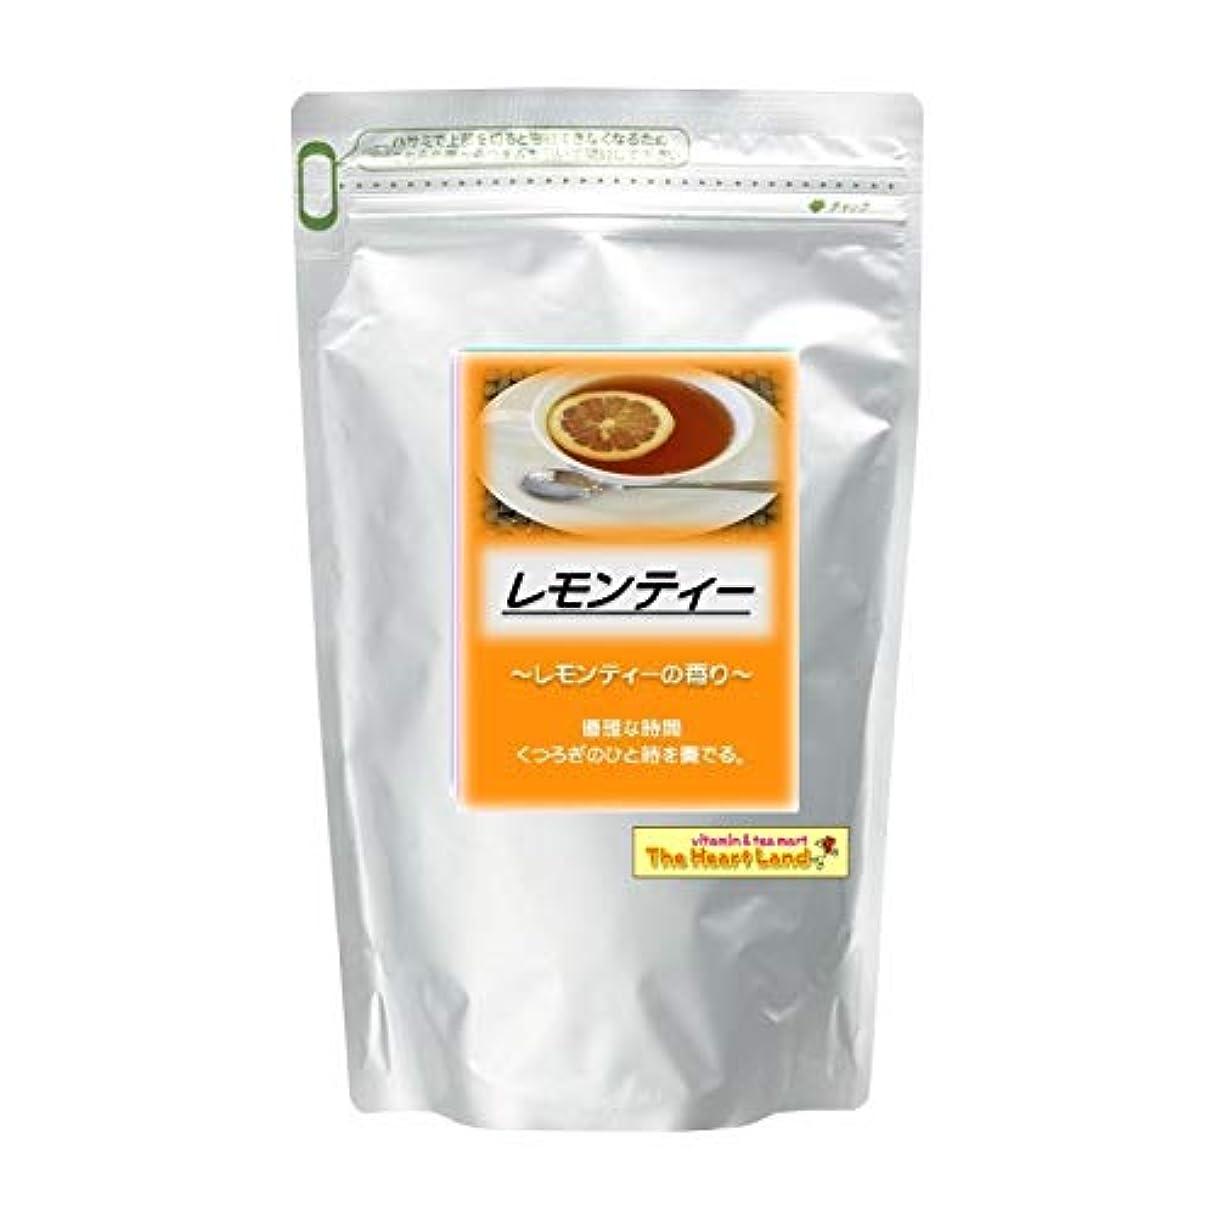 間接的収縮平衡アサヒ入浴剤 浴用入浴化粧品 レモンティー 2.5kg